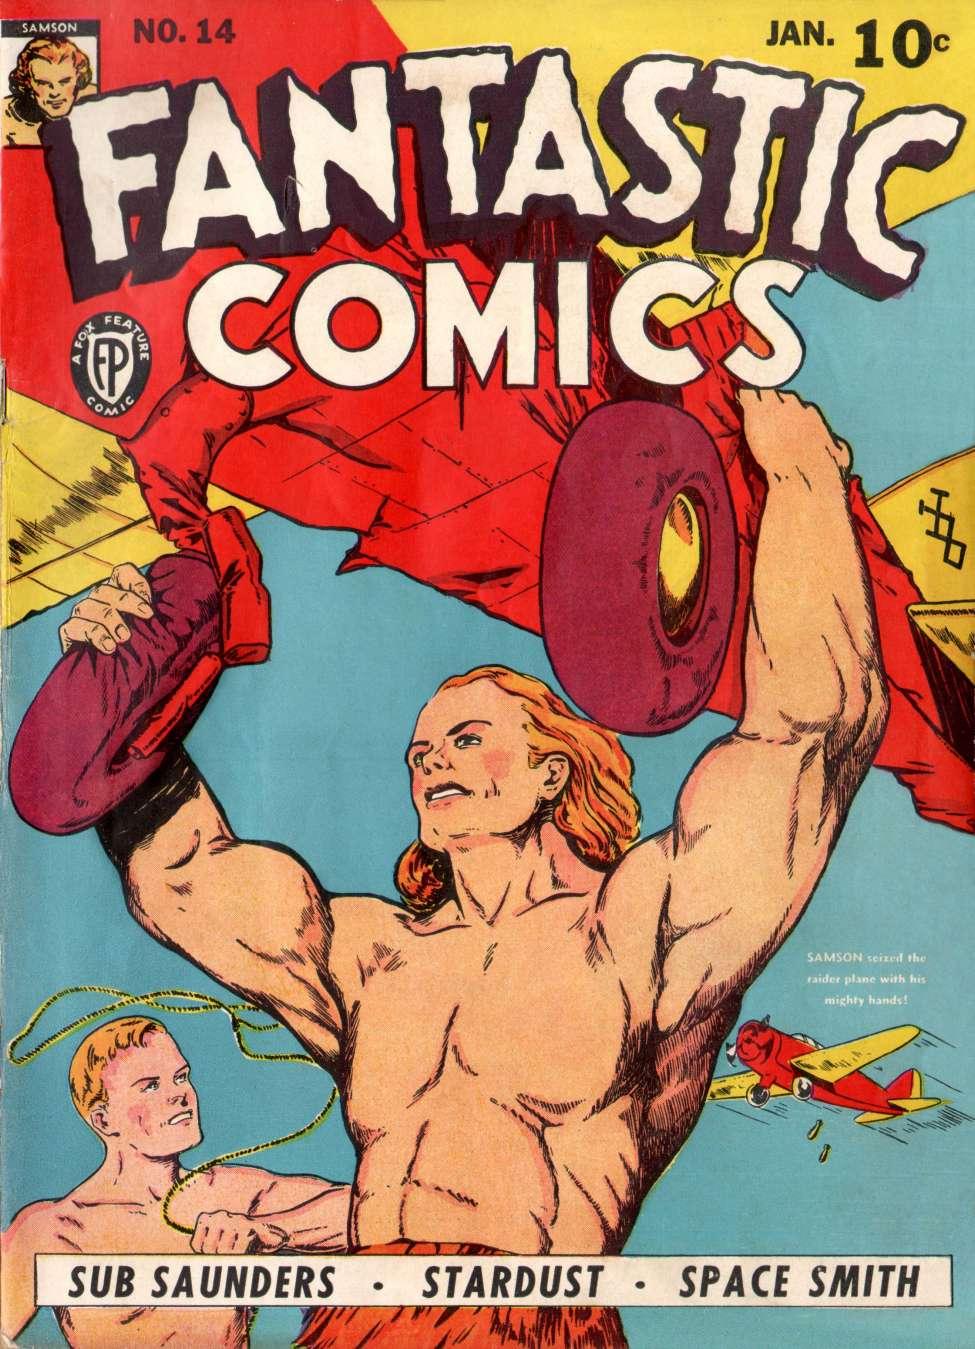 Comic Book Cover For Fantastic Comics #14